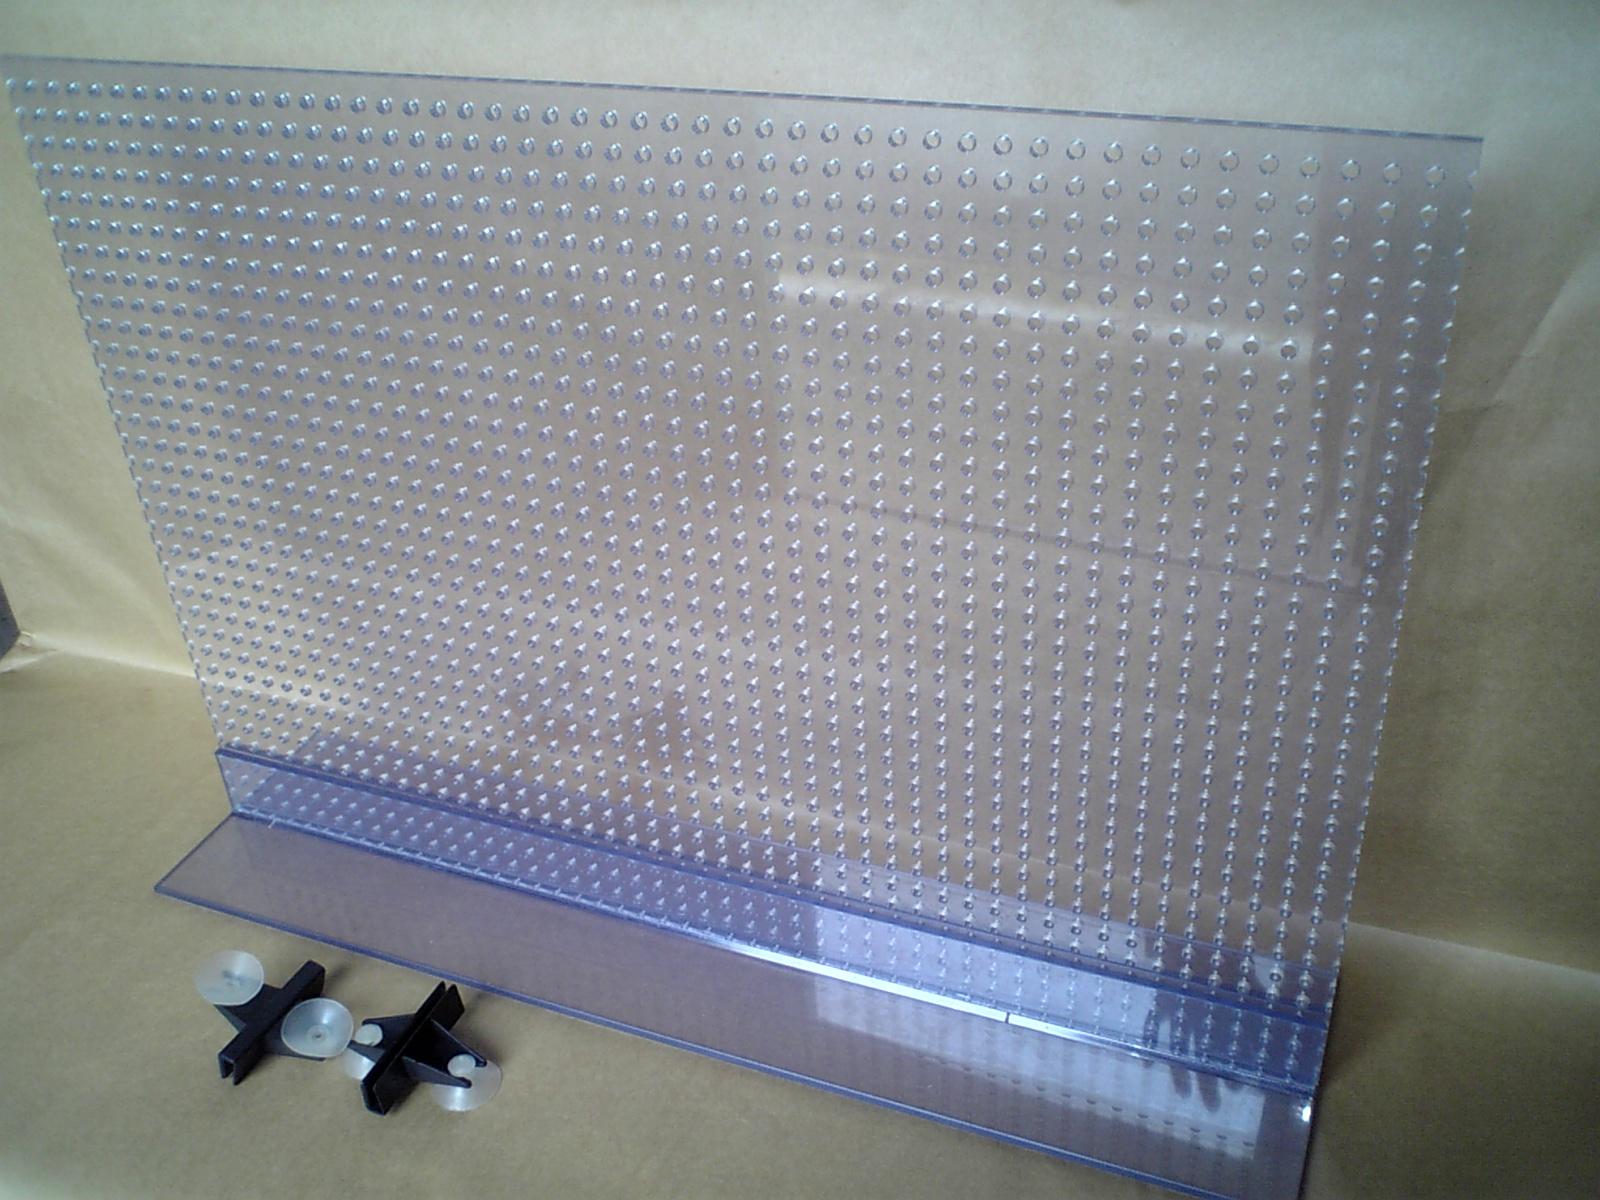 送料無料 水槽セパレーター奥行900×高さ450用 固定用キスゴム付 大注目 商舗